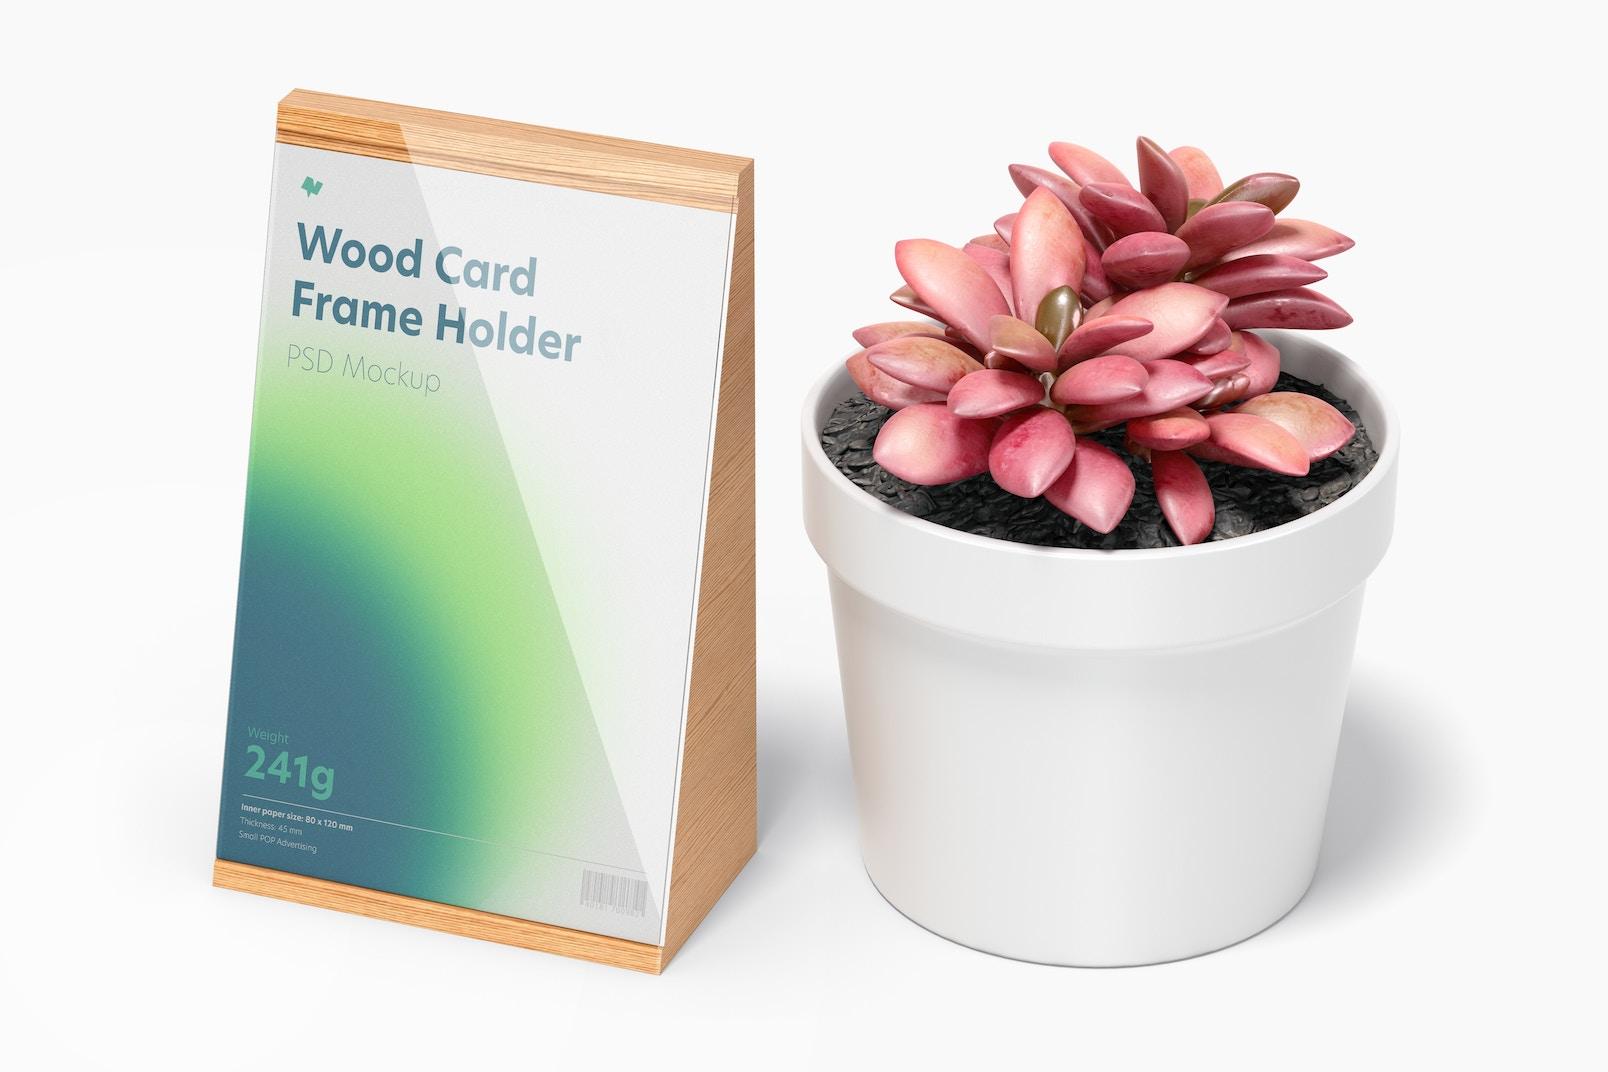 Wood Card Frame Holder Mockup